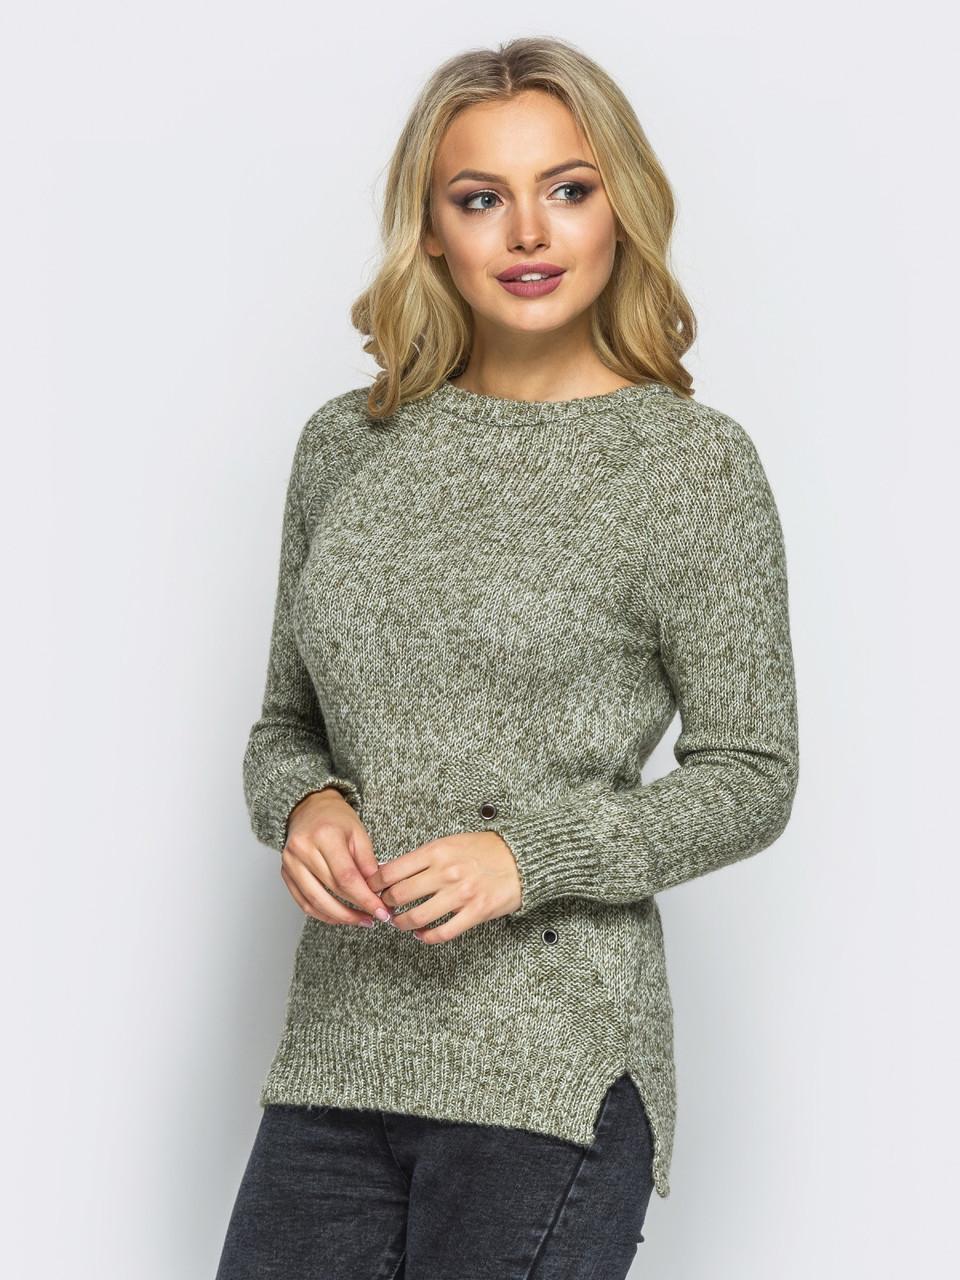 S-L / В'язаний жіночий светр Holly, оливковий